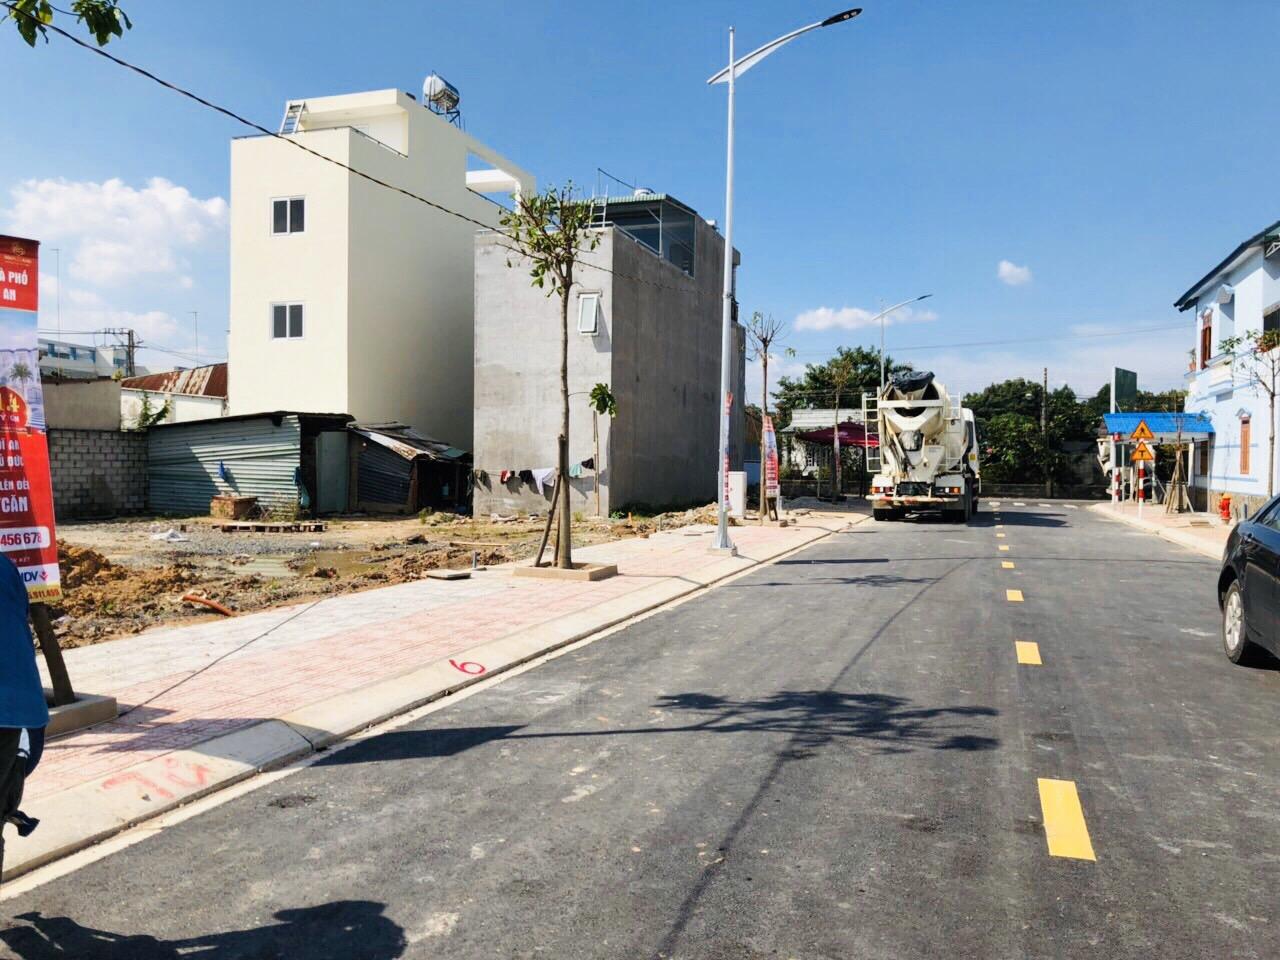 Hình ảnh cận cảnh một con đường mới với vỉa hè lát gạch sạch sẽ, trồng cây xanh, xung quanh nhiều nhà dân